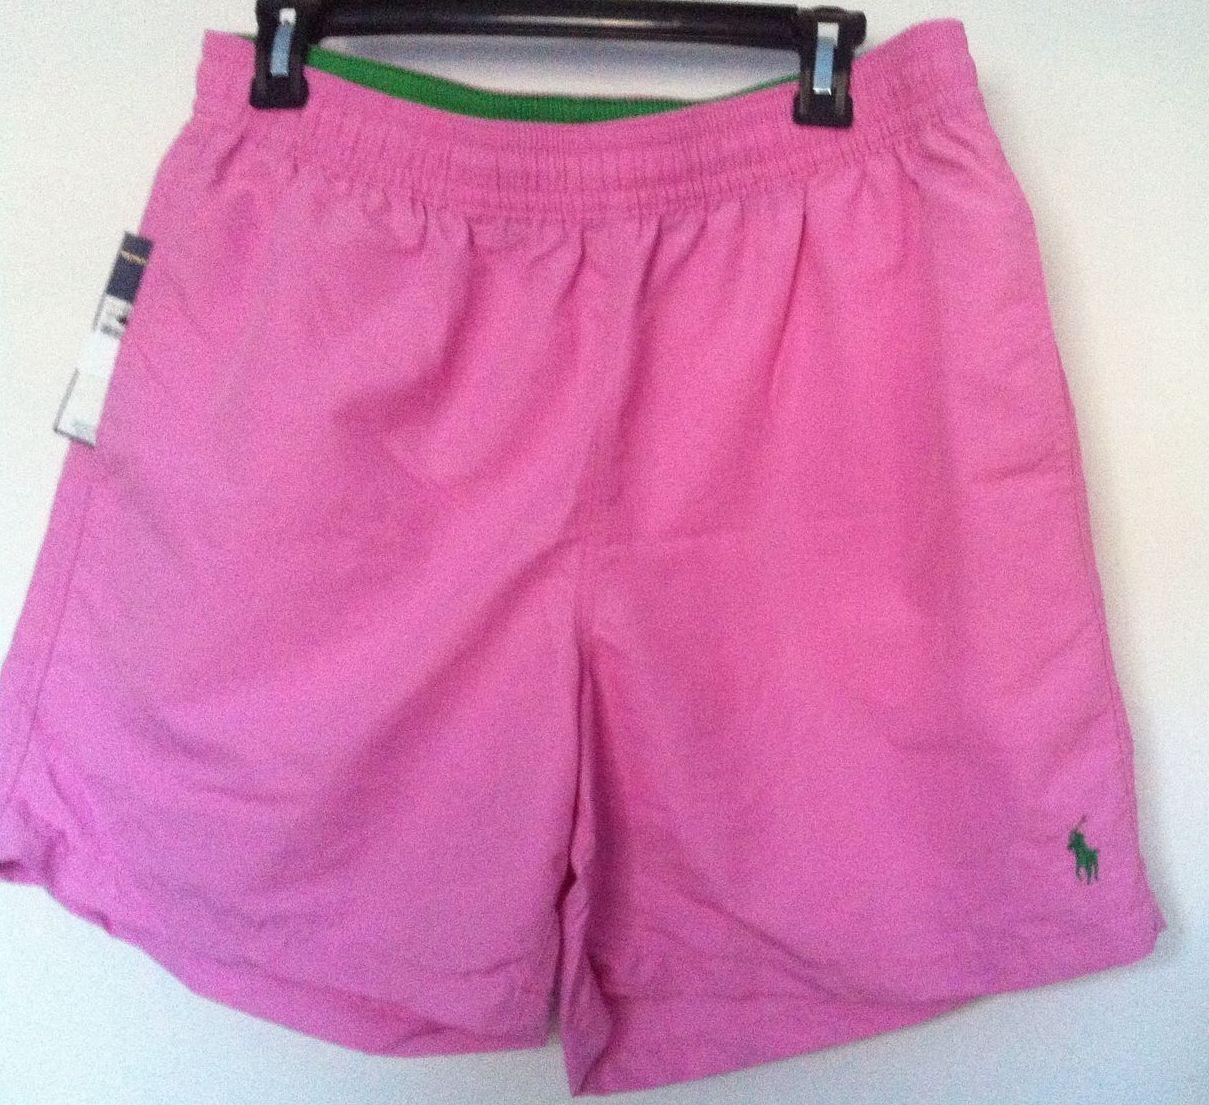 Polo Ralph Lauren Swimtrunks Pink Green Logo100% Nylon ShellSize 2XBNWT